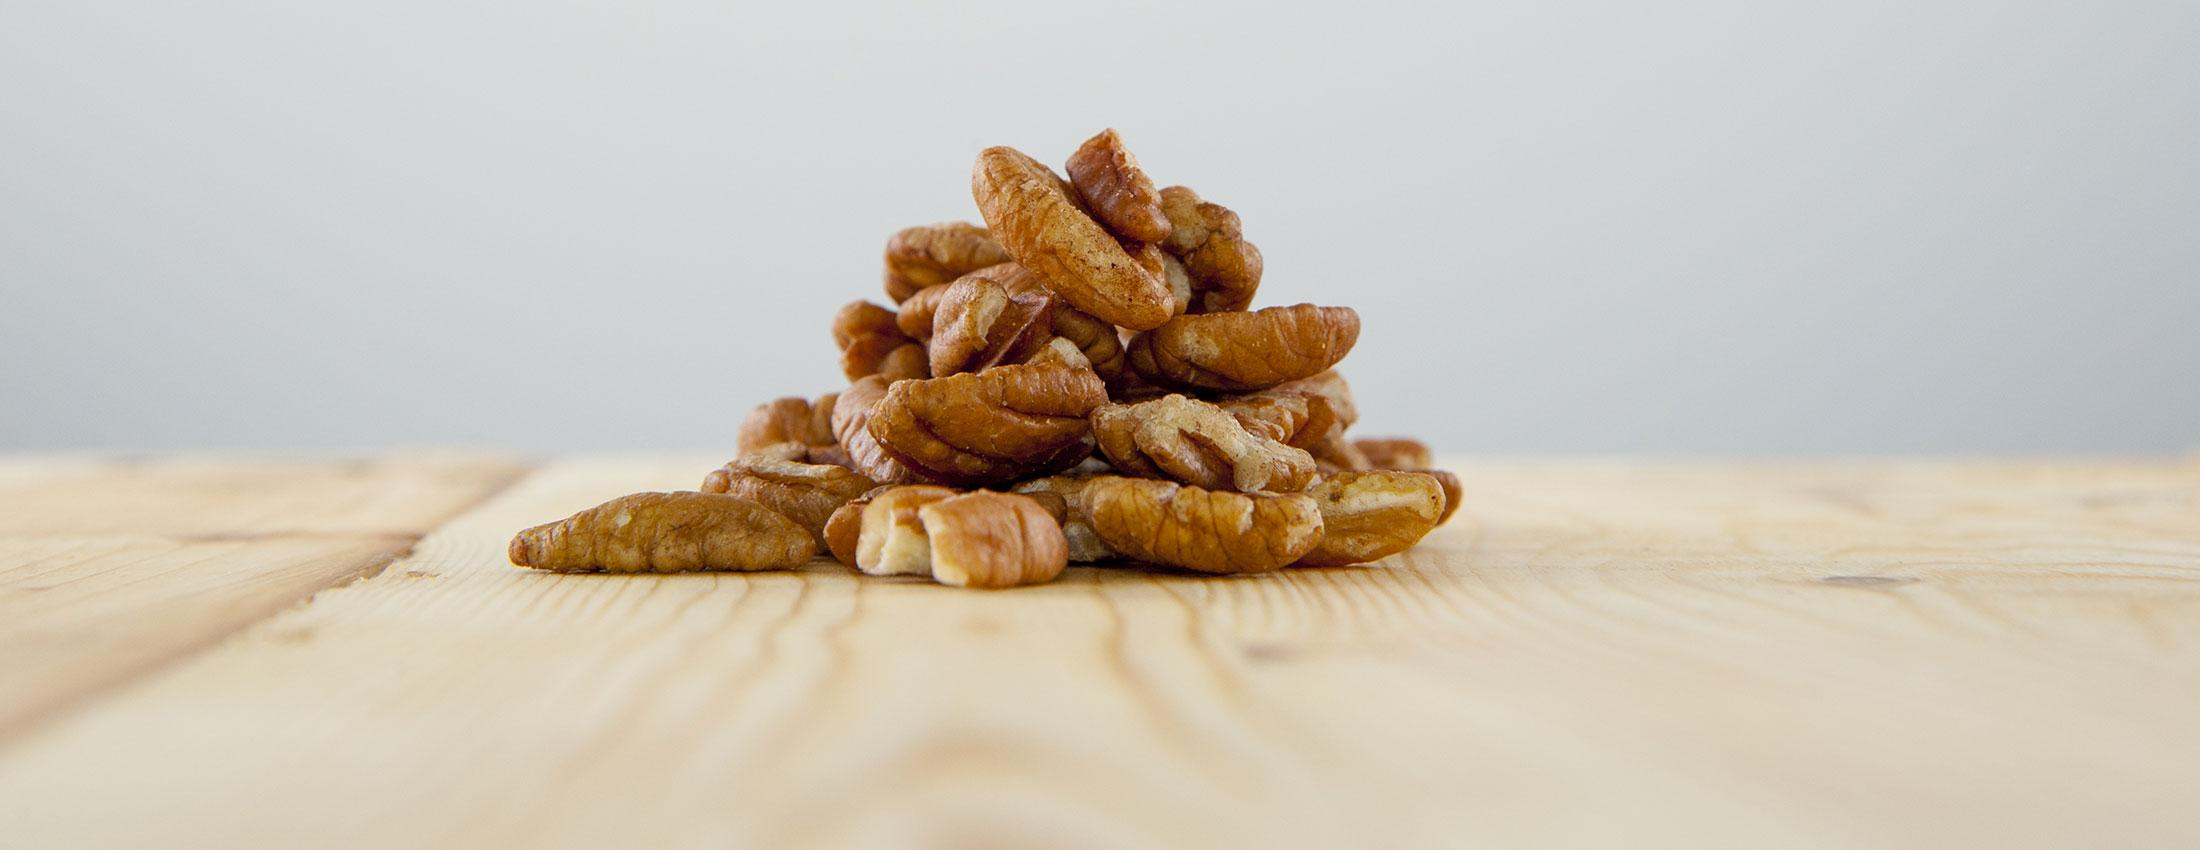 pacanes crues noix biologique manganese cuivre antioxydants recettes bienfaits sante